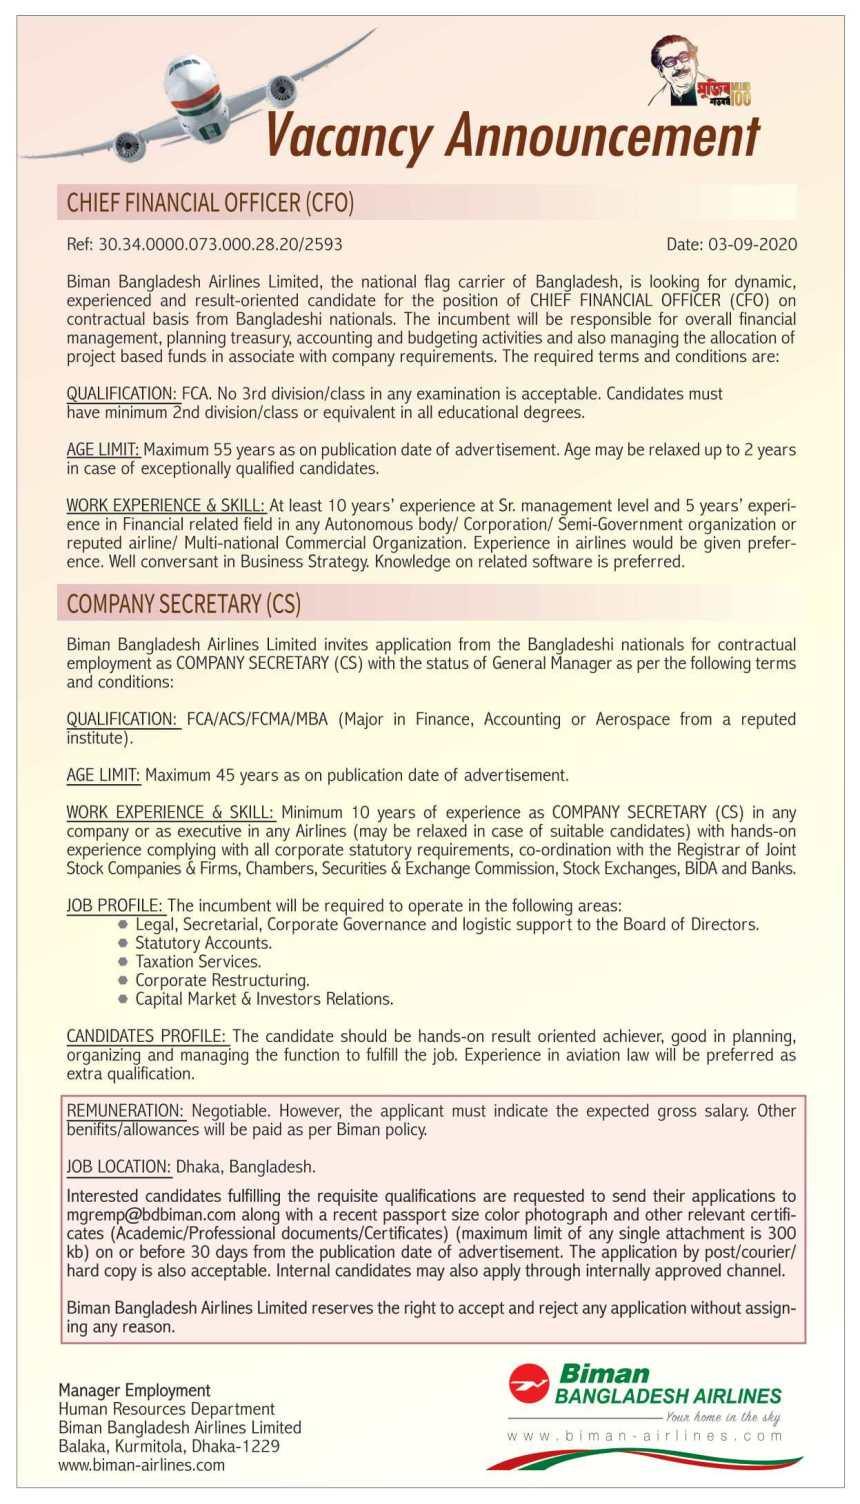 Biman Bangladesh Airlines Career 2020